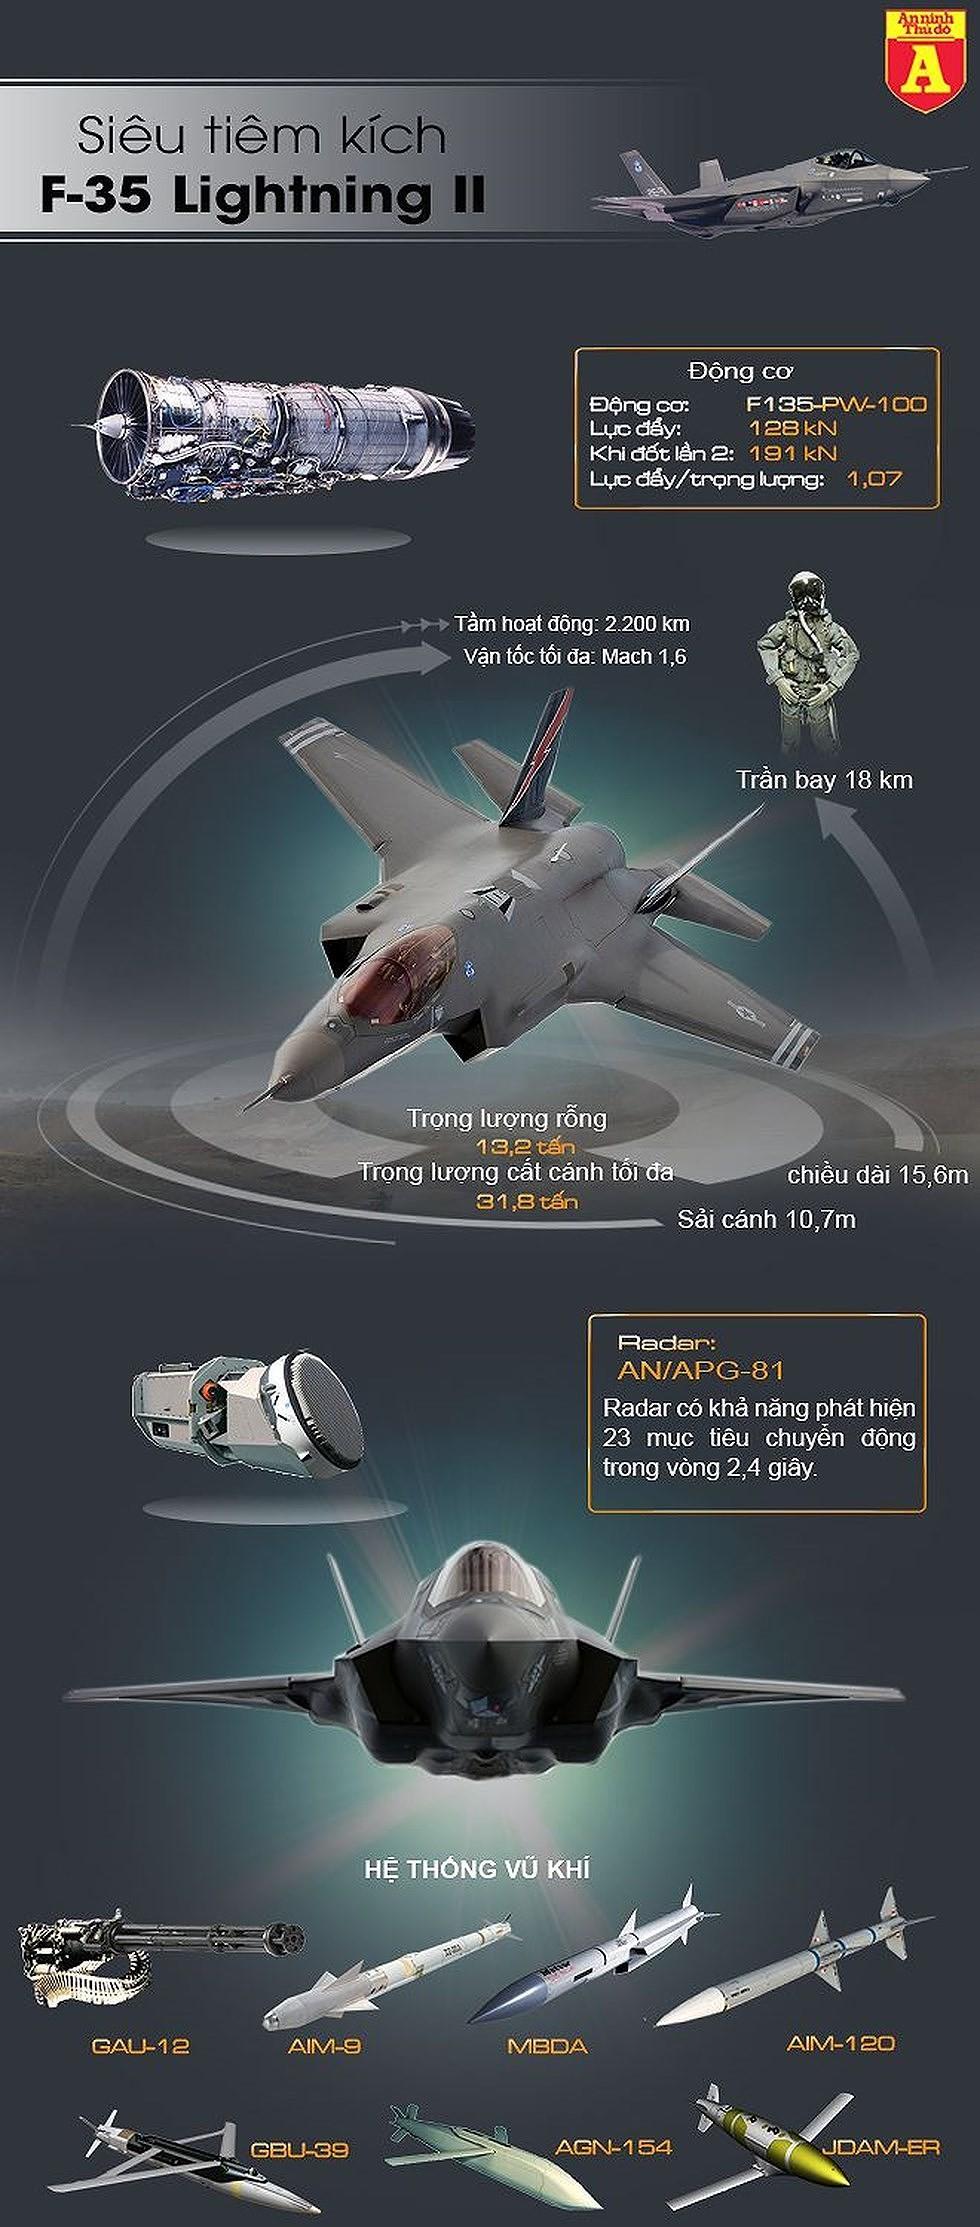 [Info] Với 4 chiếc F-35, không quân Singapore có thể ứng phó cả phi đội tiêm kích thế hệ thứ 4 ảnh 3